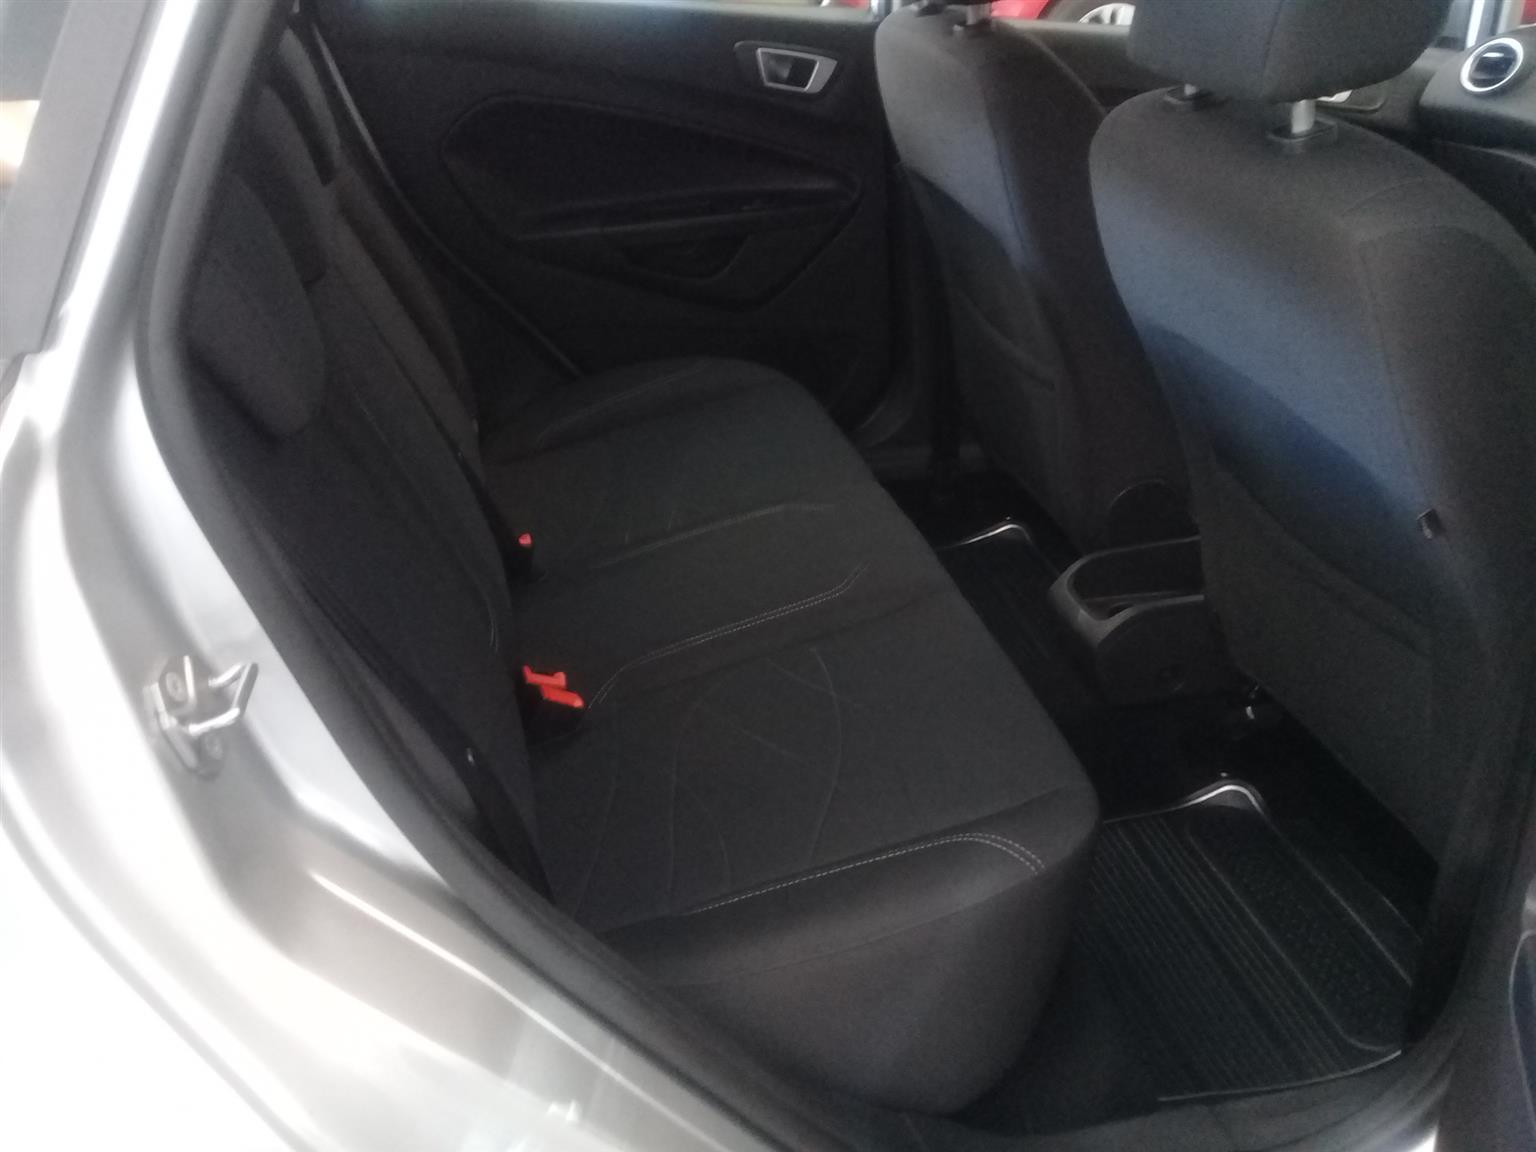 2016 Ford Fiesta hatch 5-door FIESTA 1.0 ECOBOOST TREND 5DR